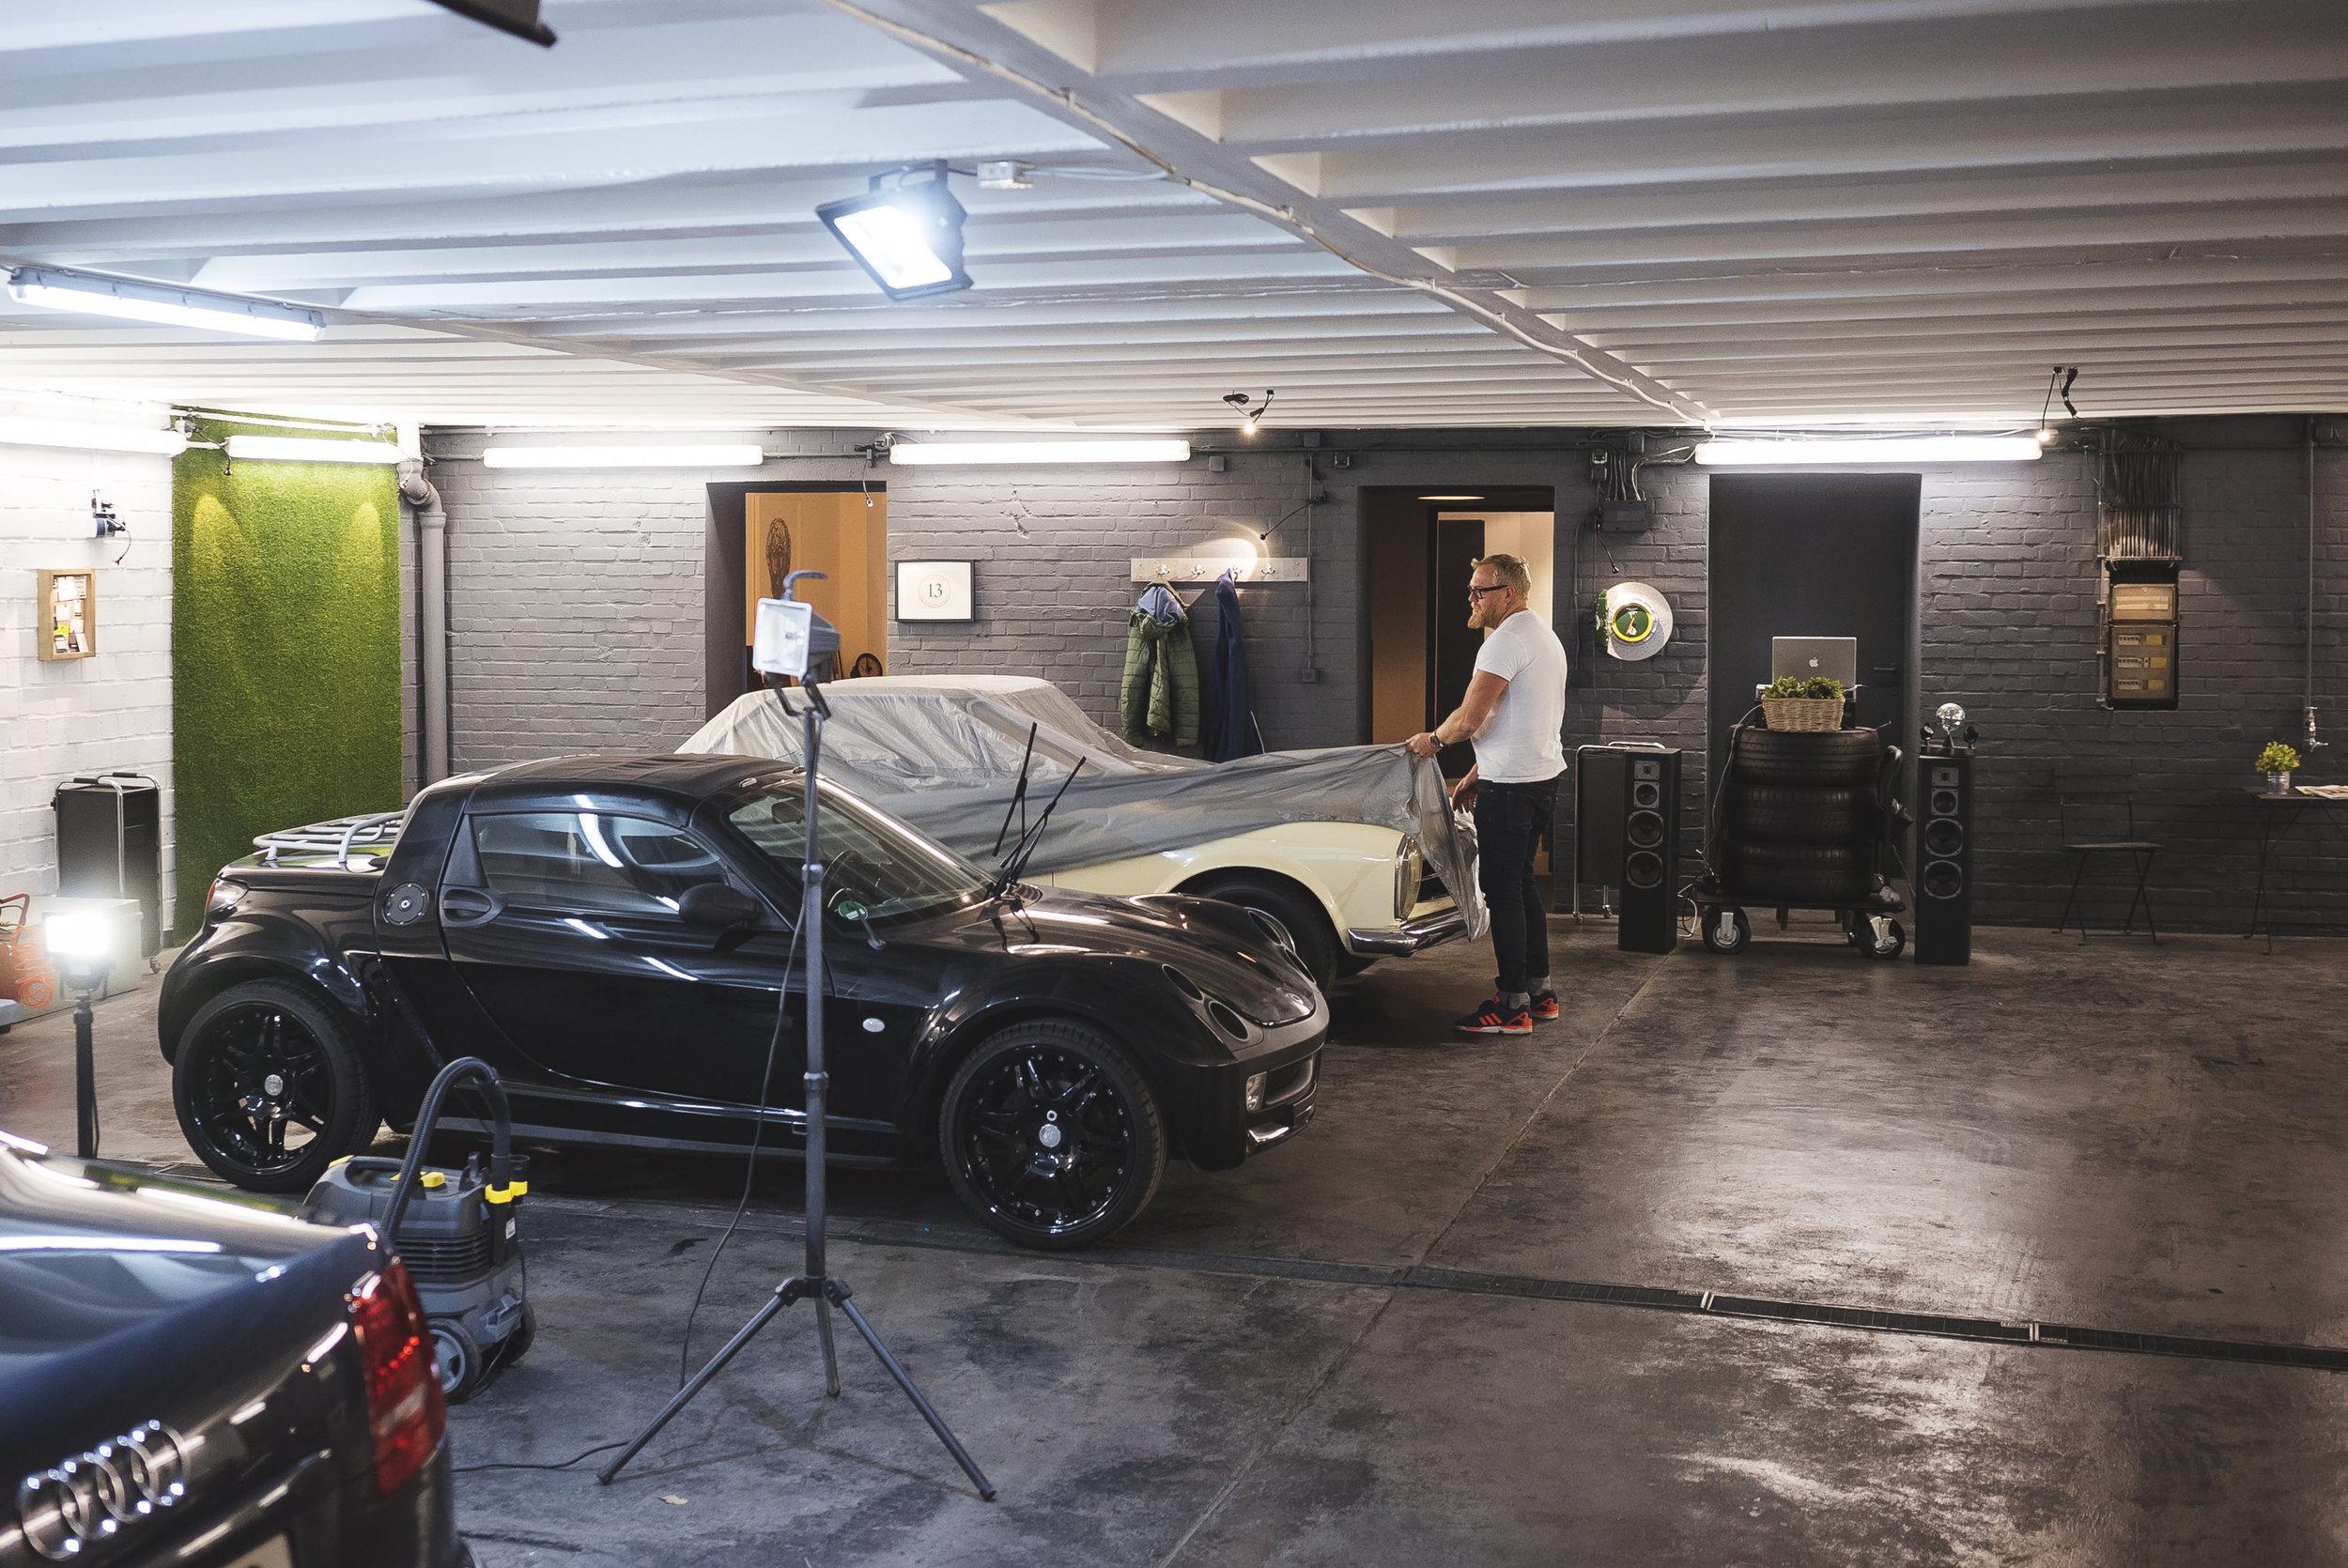 peter-schneider-garage13-essen-pottspott-02.jpg